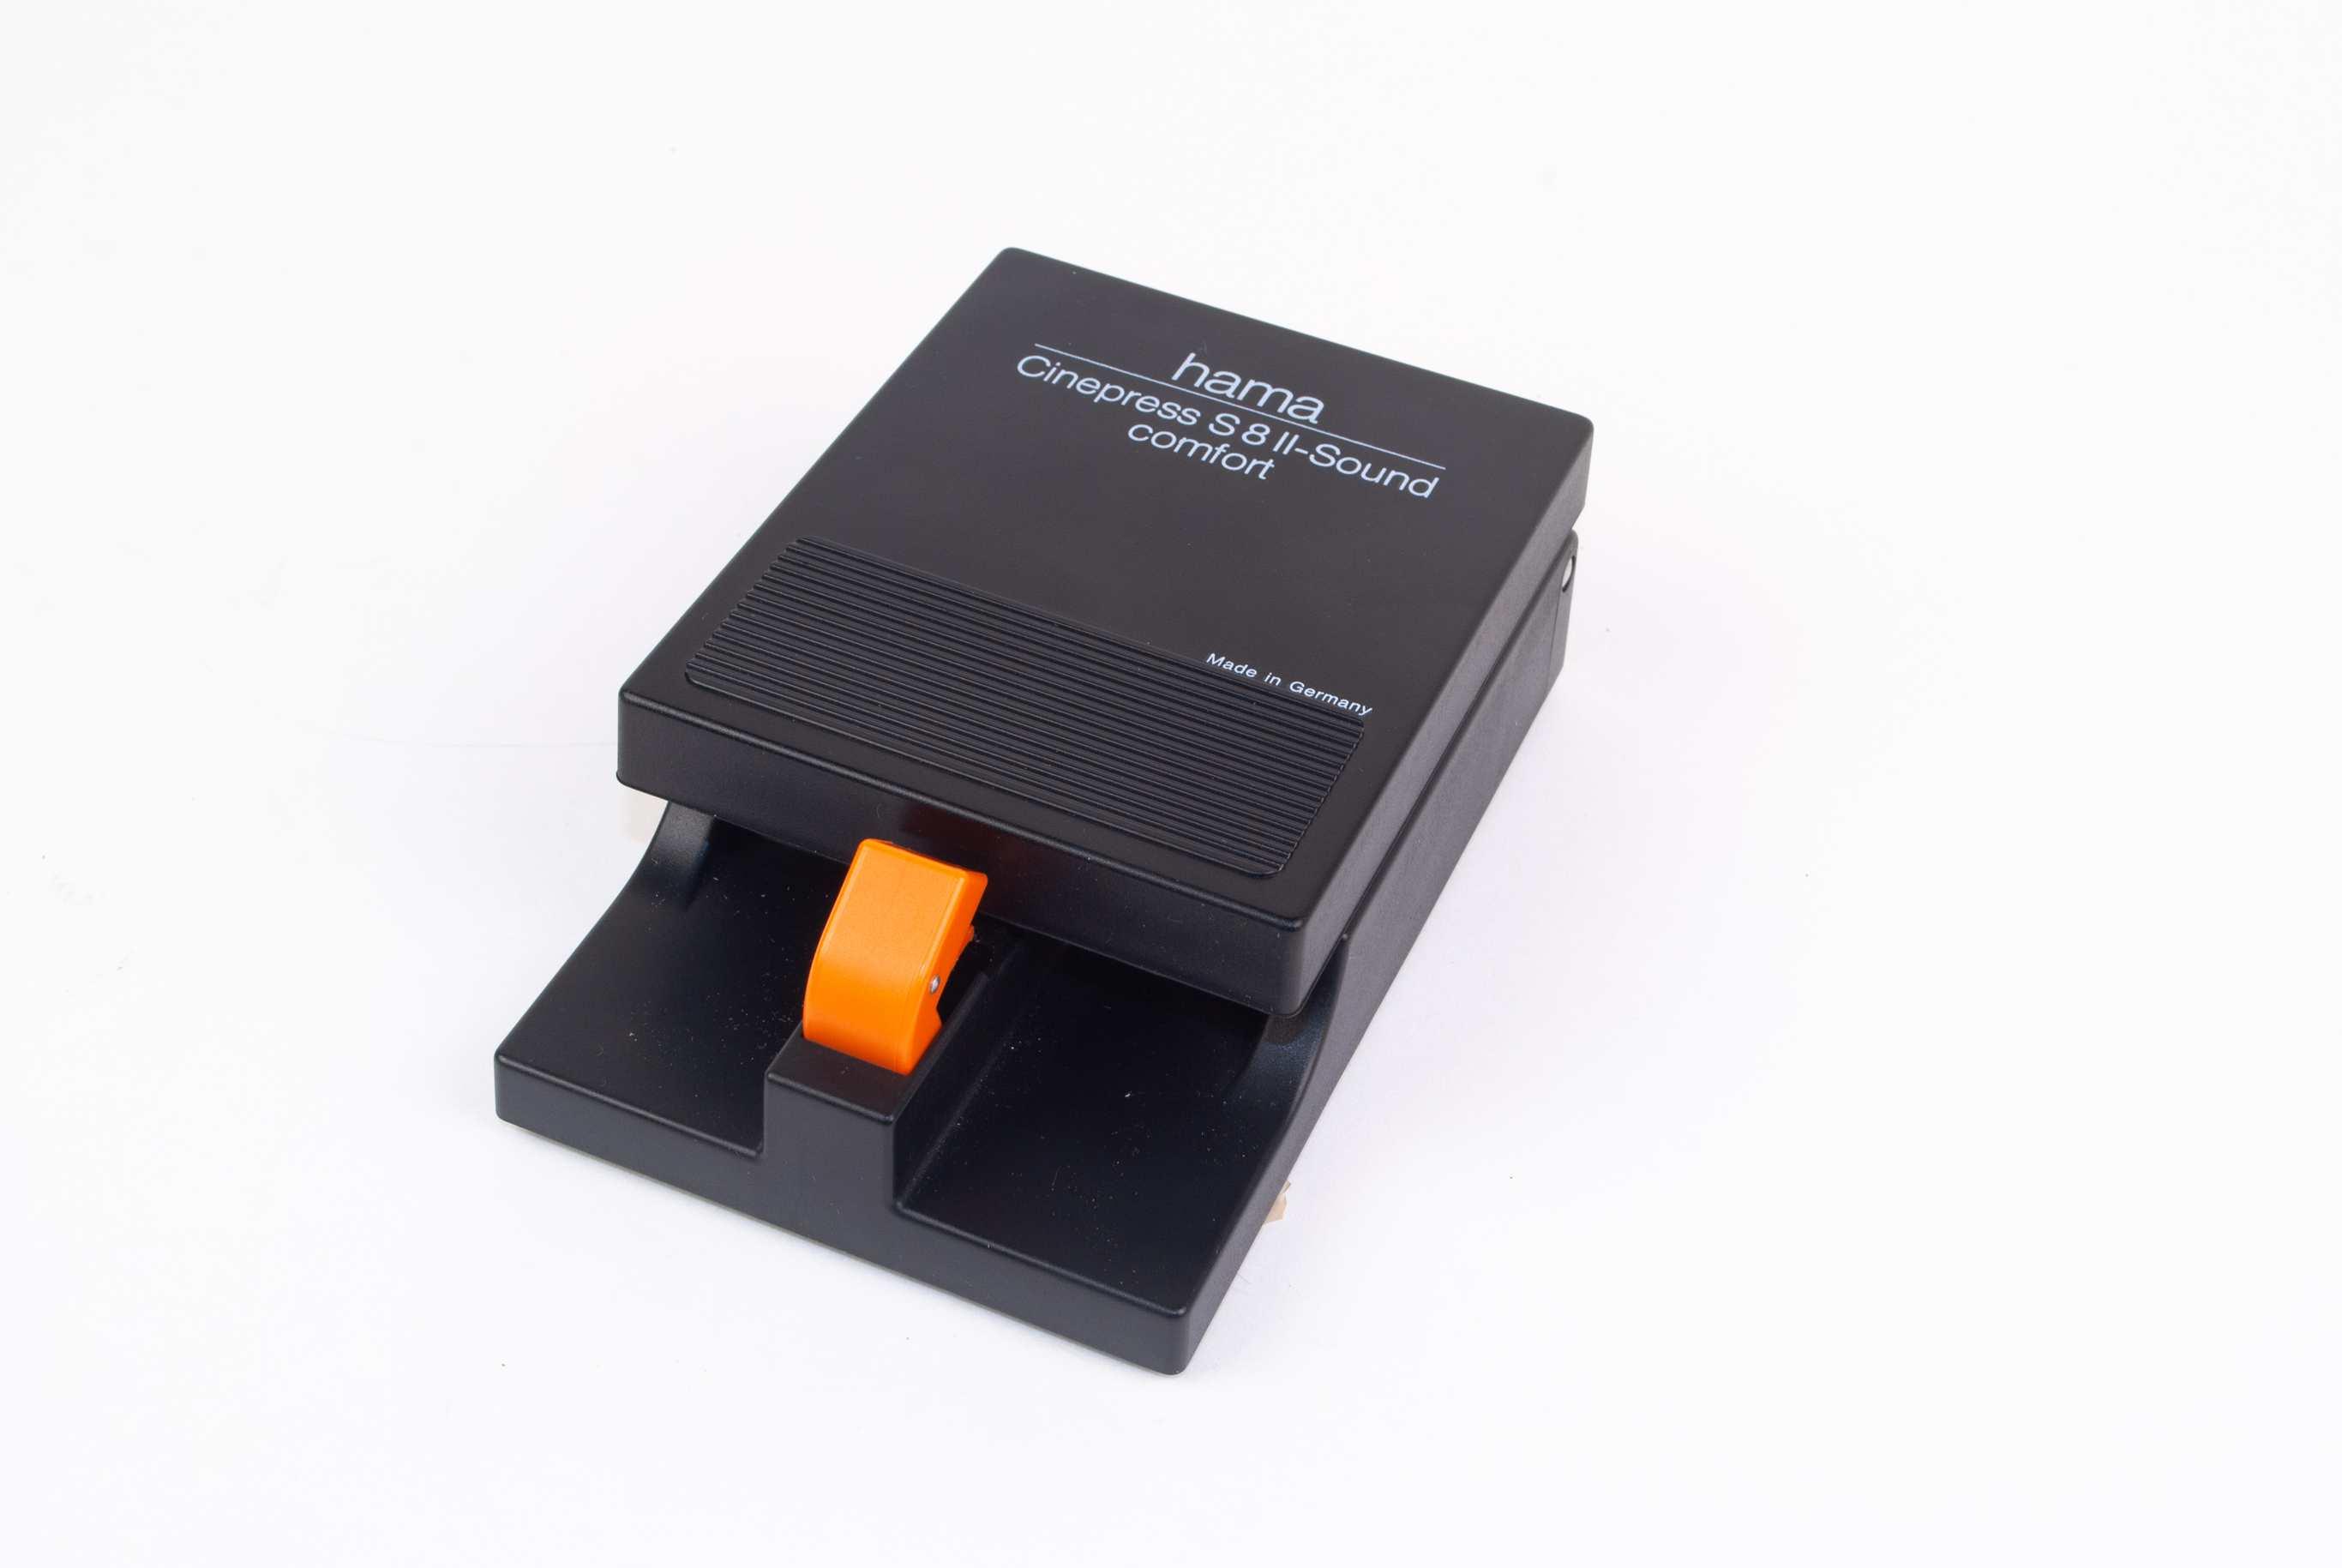 Cinepress S8 II-Sound comfort (3786)